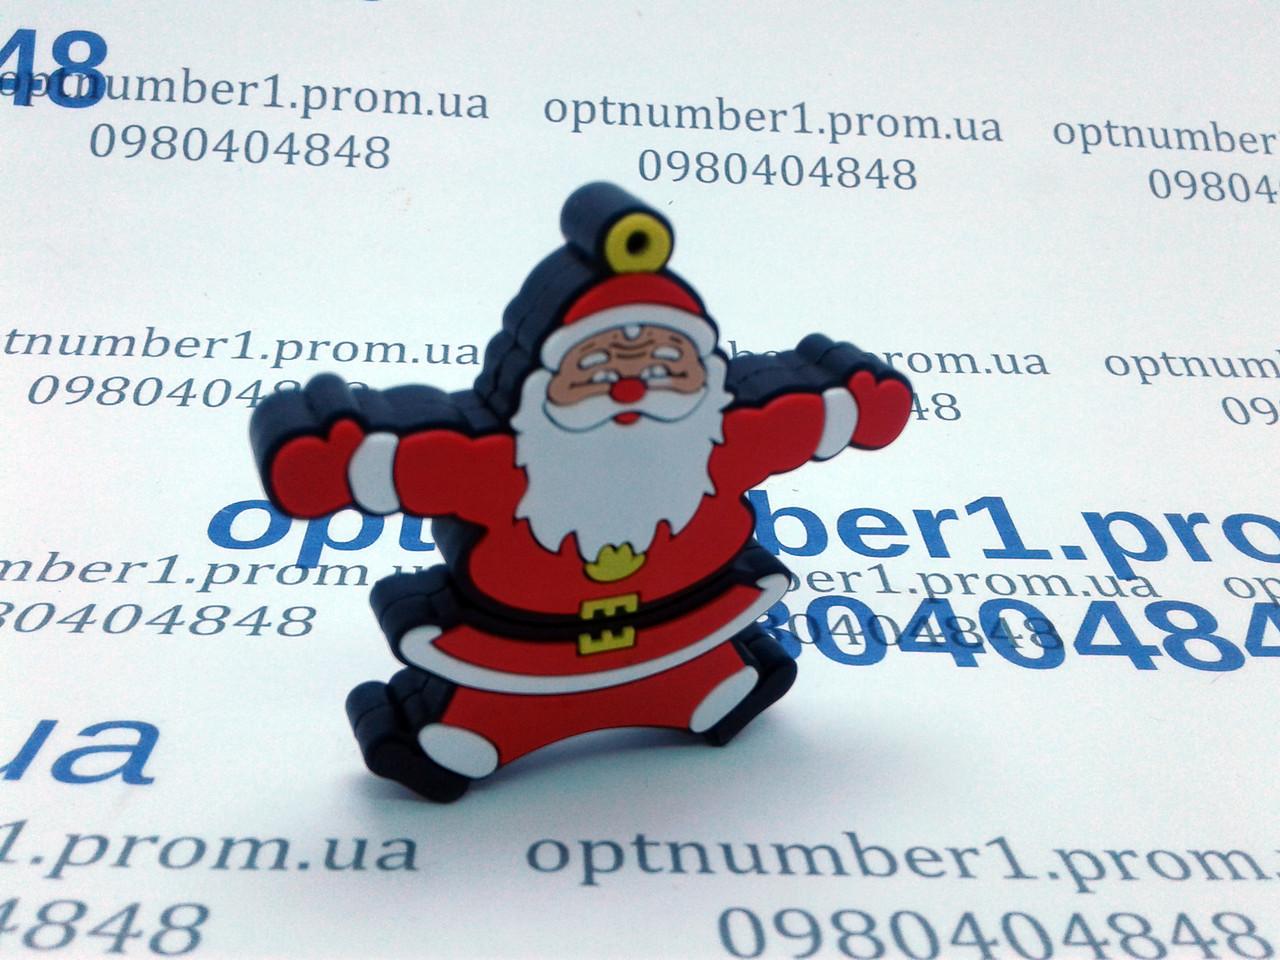 Подарочная флешка Дед Мороз. 16 ГБ, 16 GB